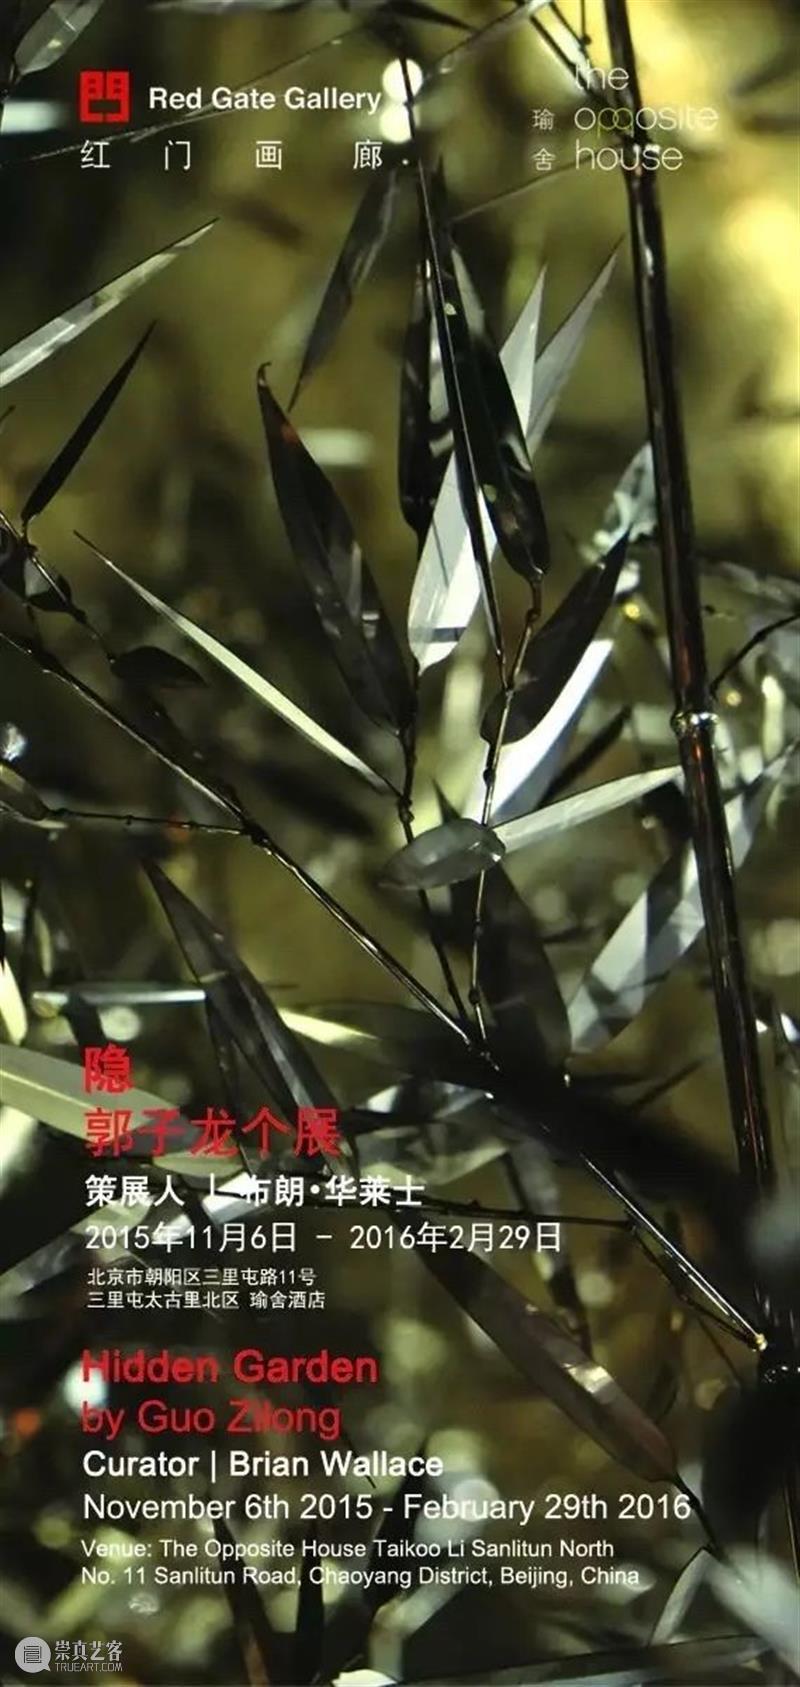 30周年   红门画廊的东方视觉 红门画廊 东方 视觉 二维码 时间轴 Zilong 郭子龙 当时 印象 彼时 崇真艺客